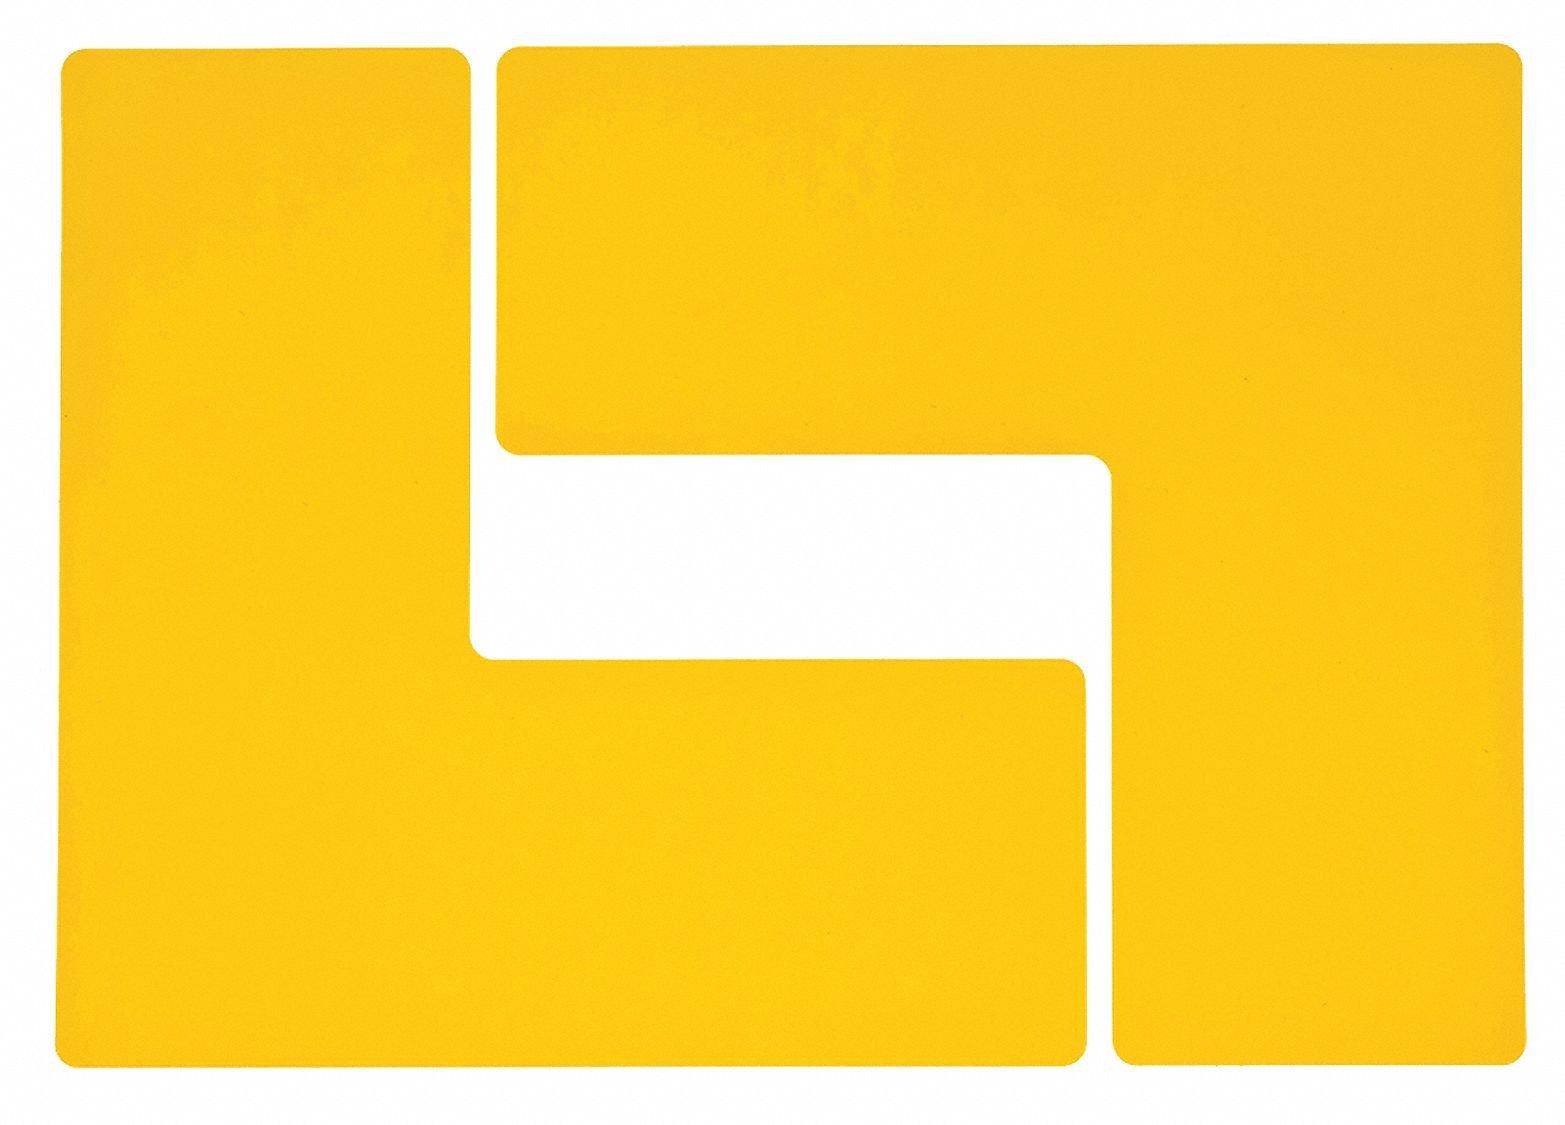 Brady ToughStripe Nonabrasive  L Shape Floor Marking Tape, 10'' Length, 4'' Width, Yellow (Pack of 20 per Roll)